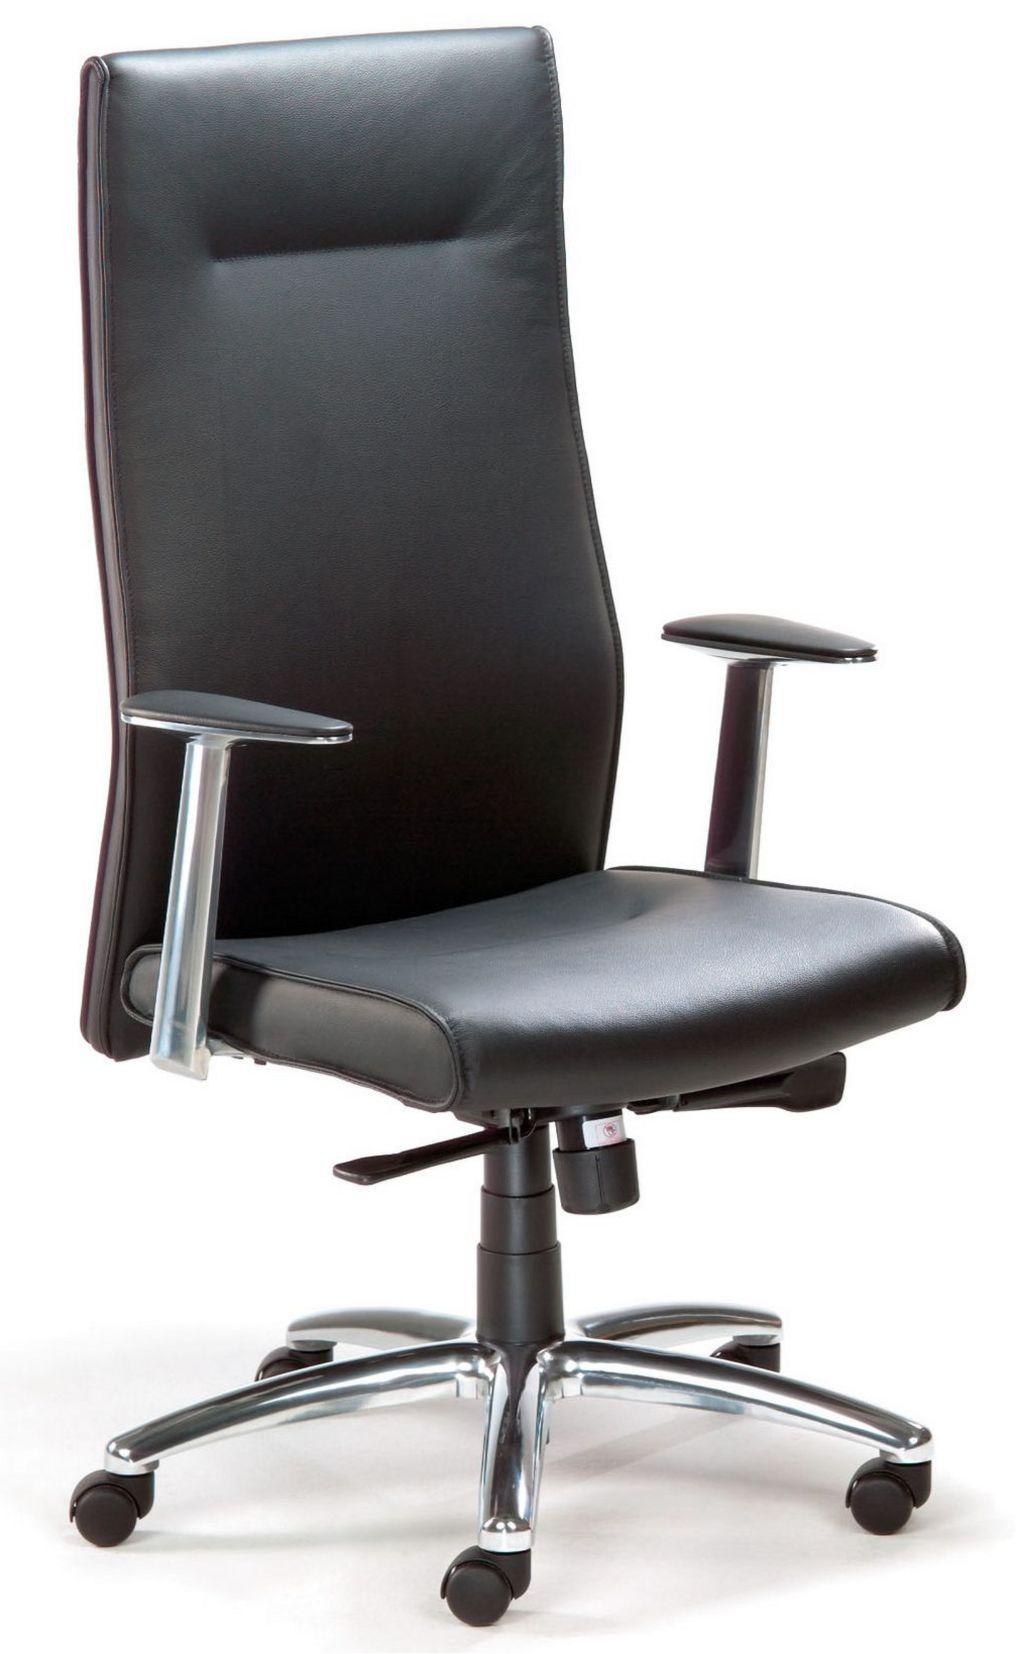 günstiger Chefsessel Sitzbezug Echt-Leder schwarz